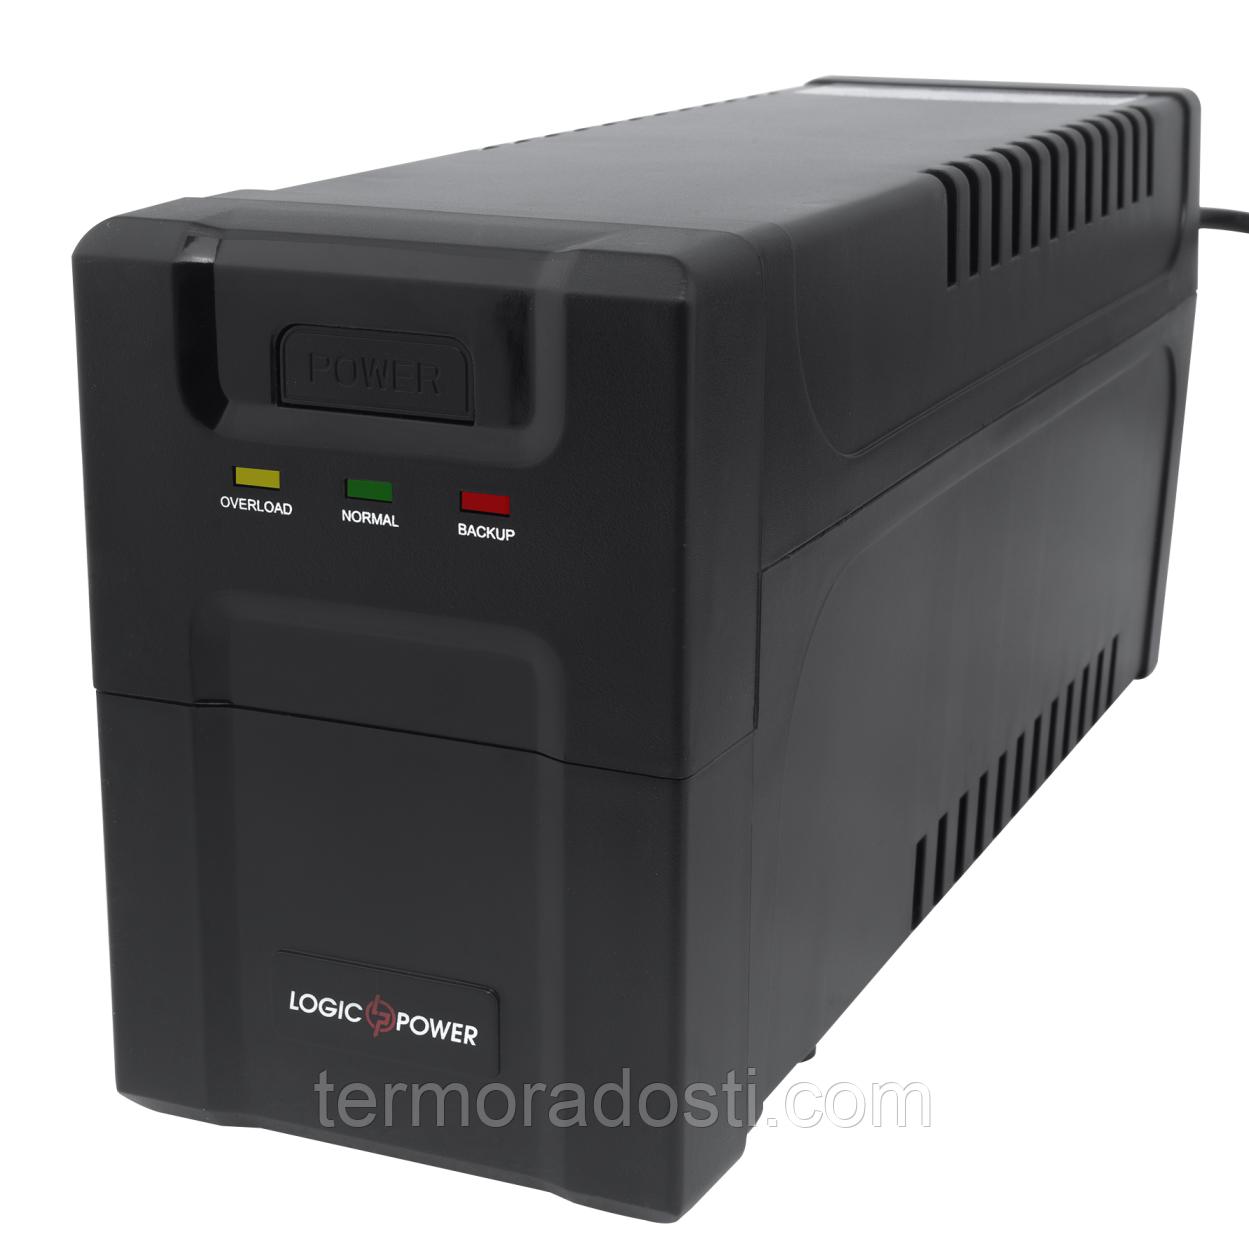 ИБП линейно-интерактивный LogicPower 650VA-P